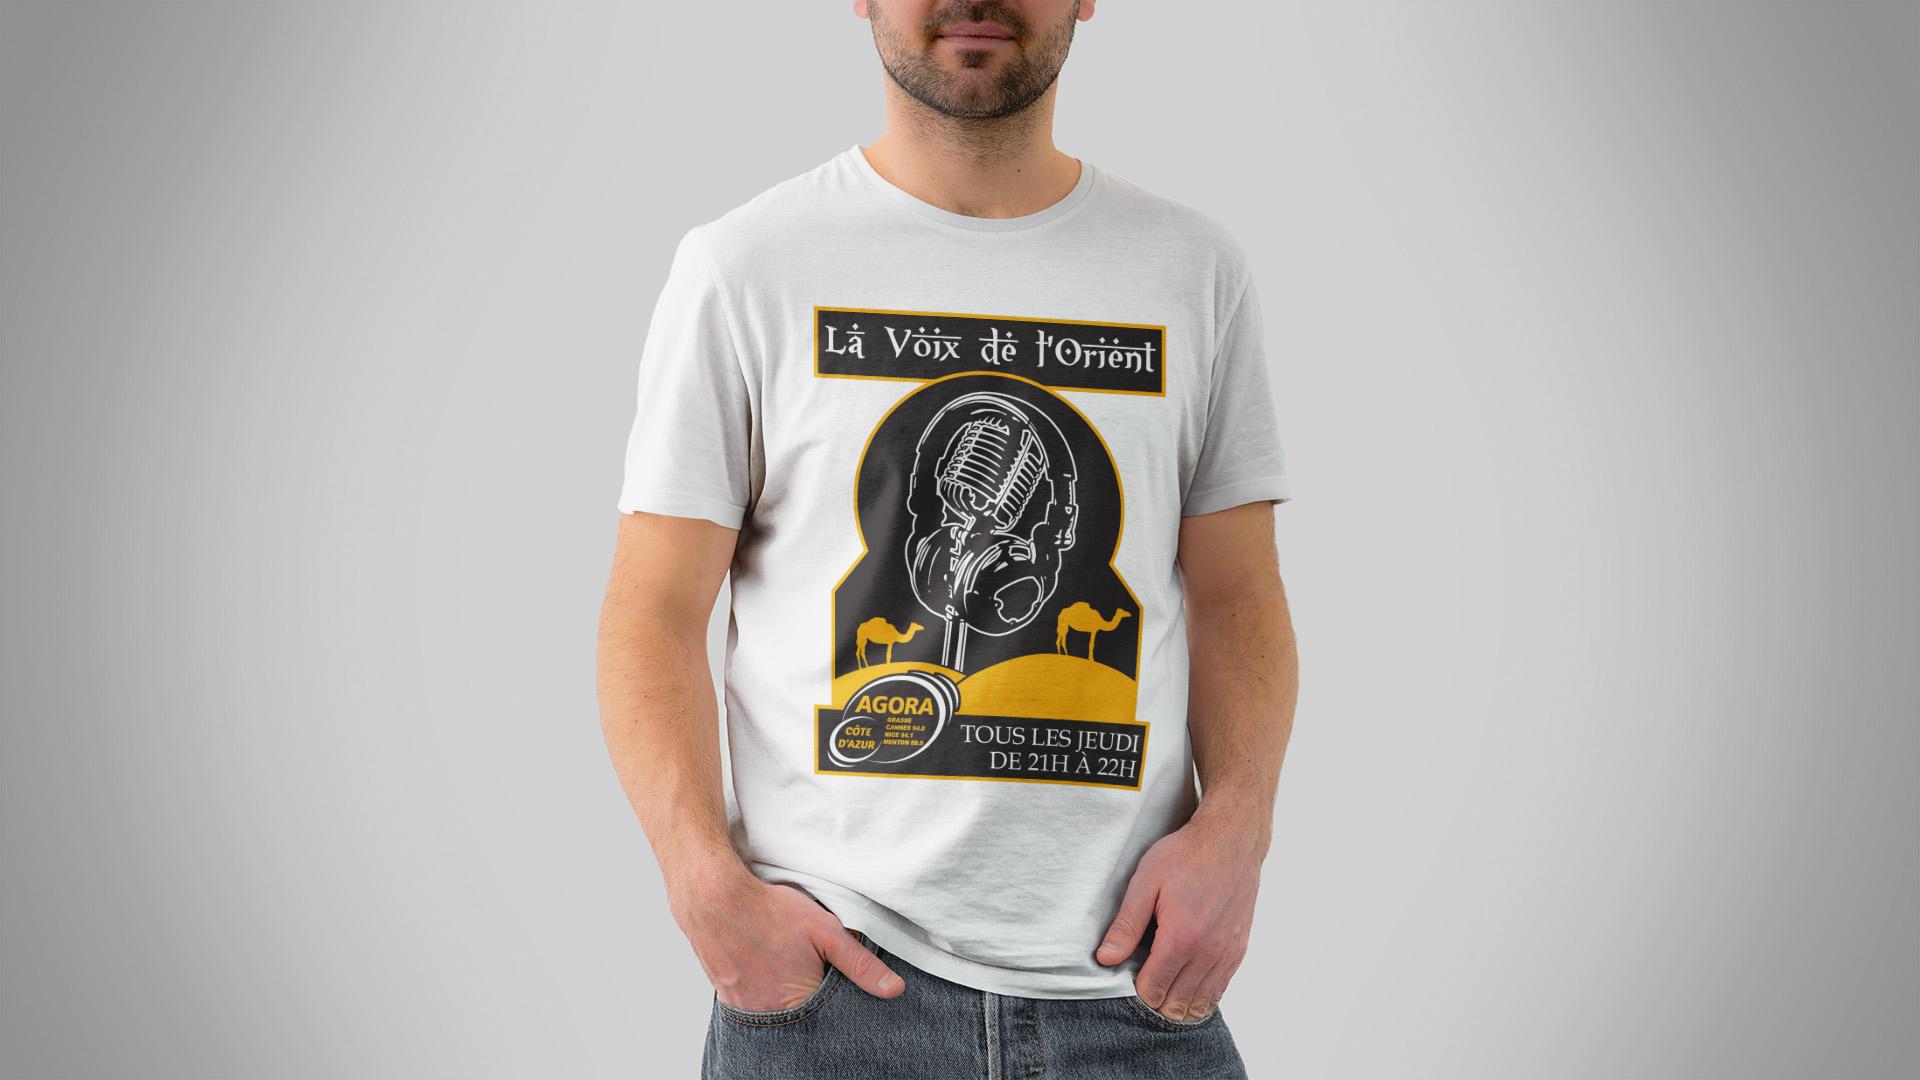 Création t-shirt original émission de radio orientale